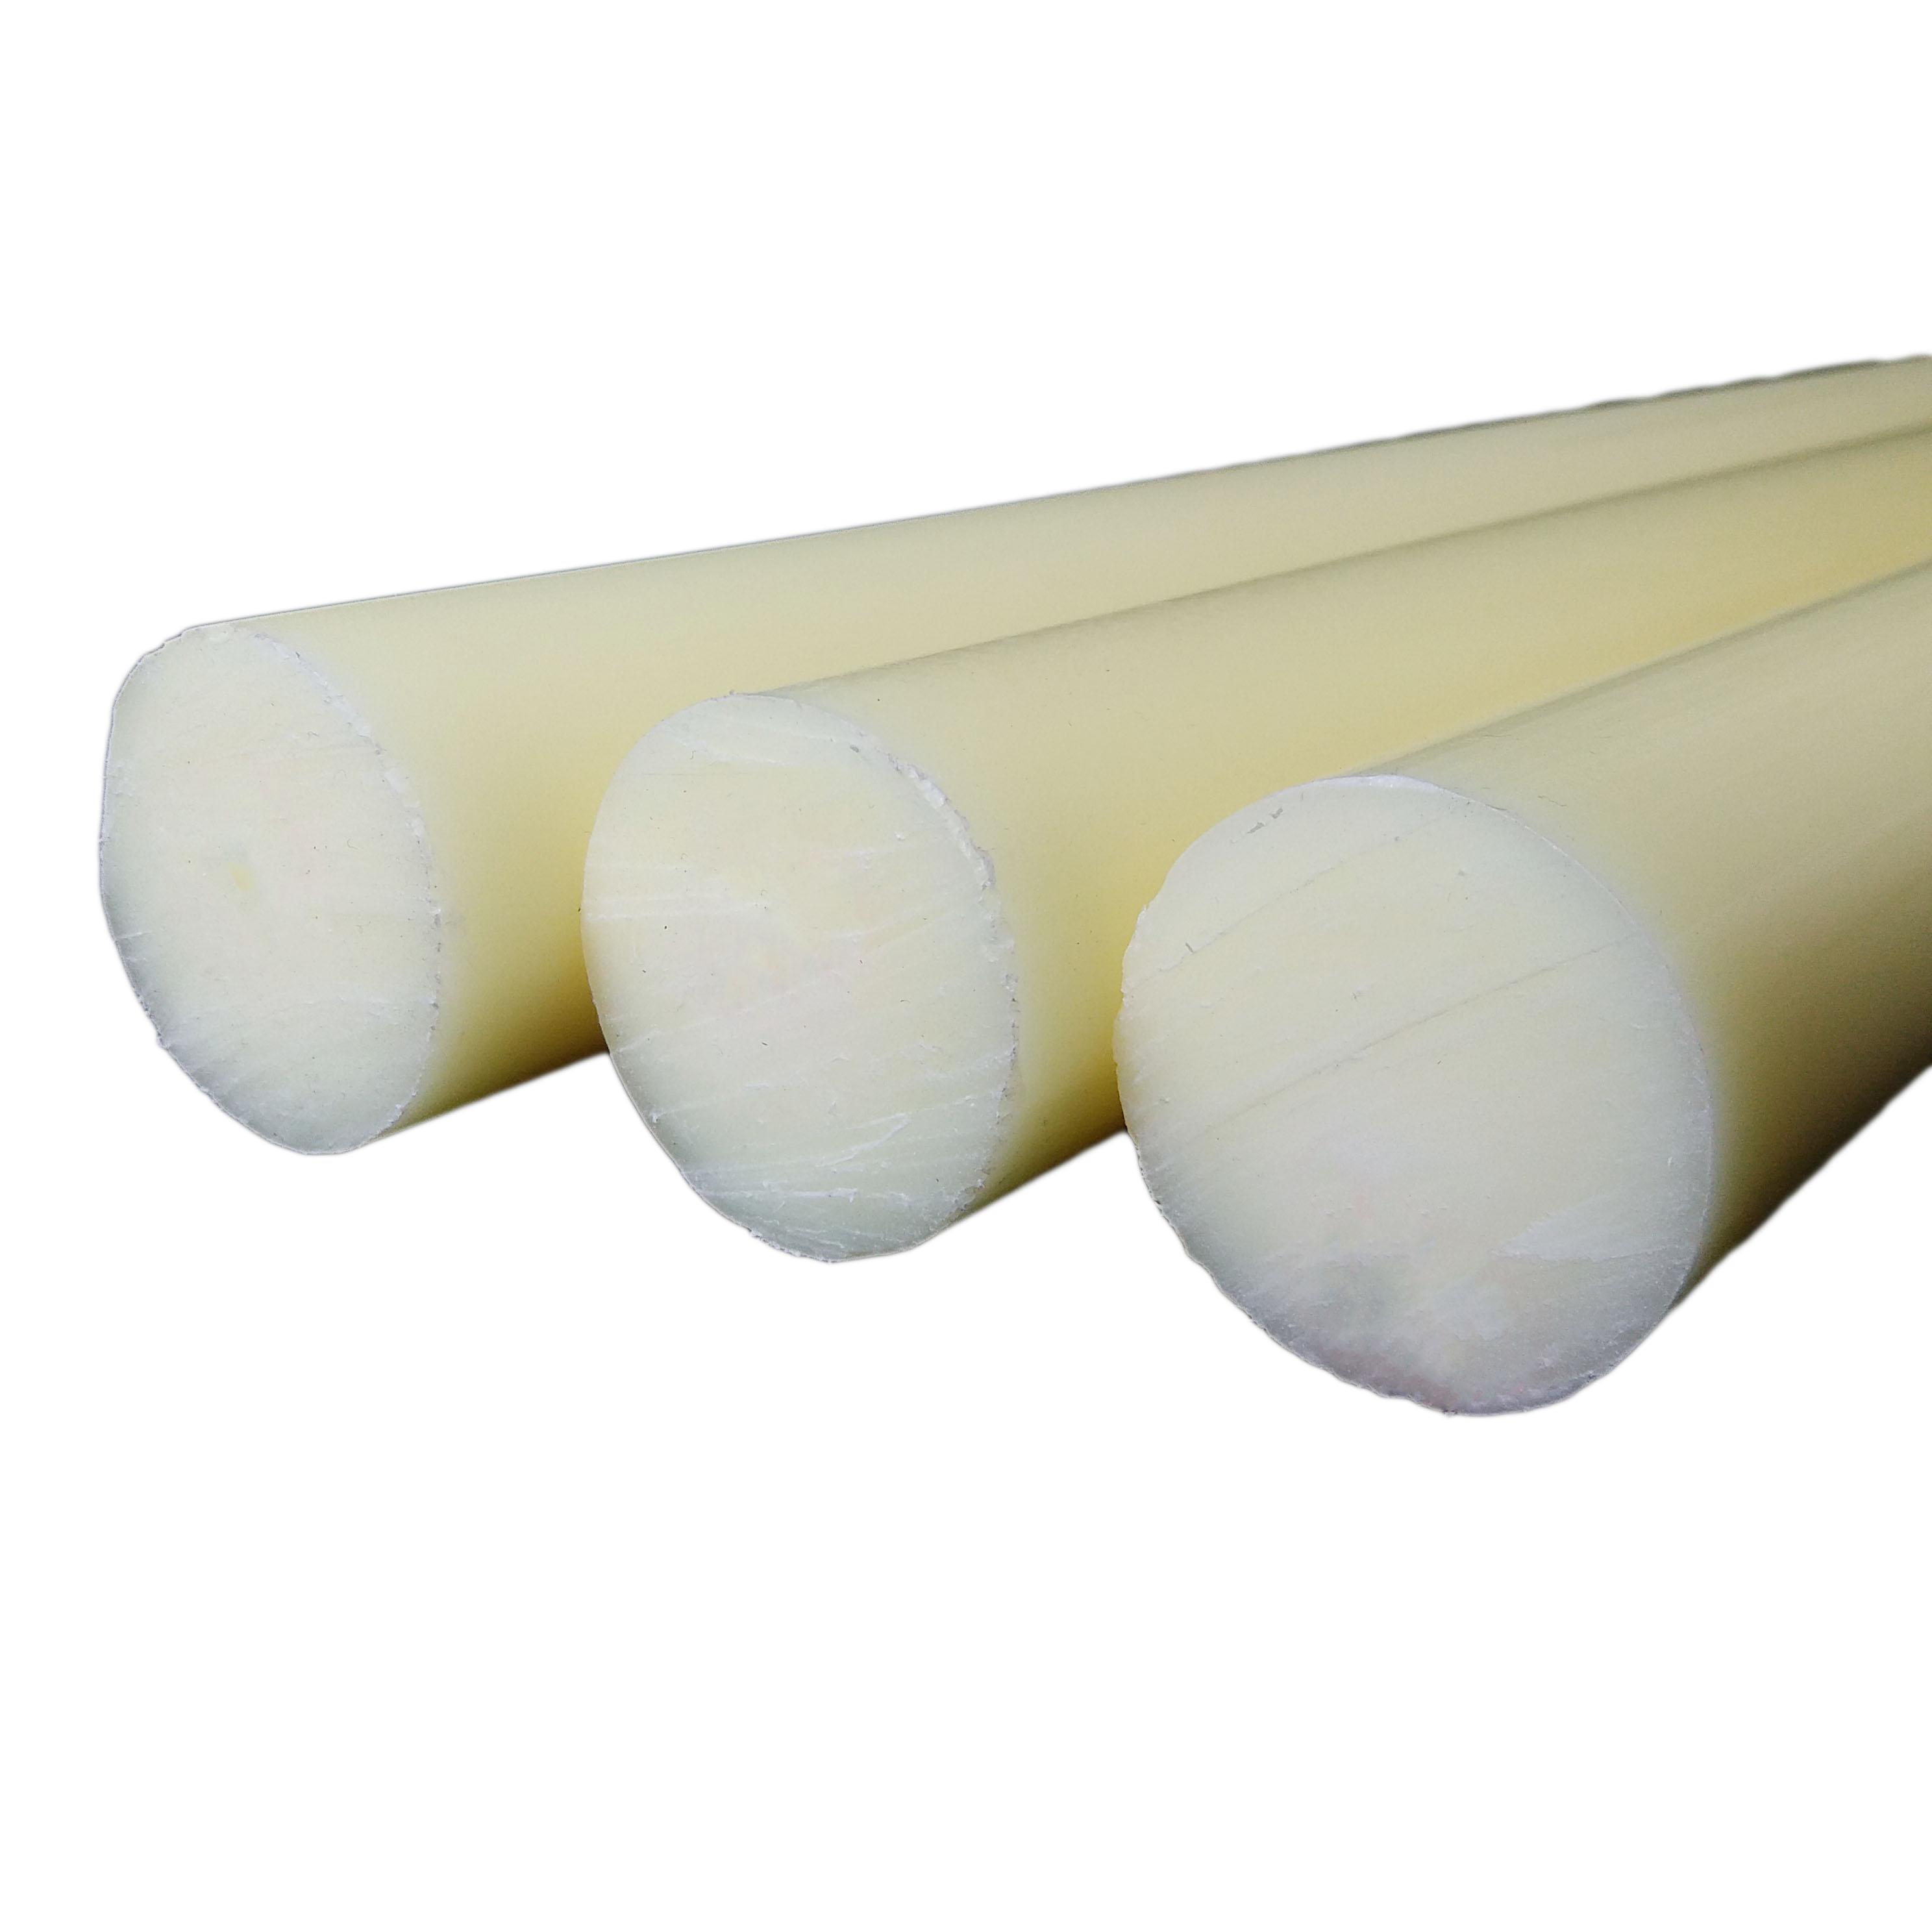 米黄色尼龙棒实心圆柱耐磨塑料棒圆棒硬胶棍子长胶棒料泥呢绒棒材